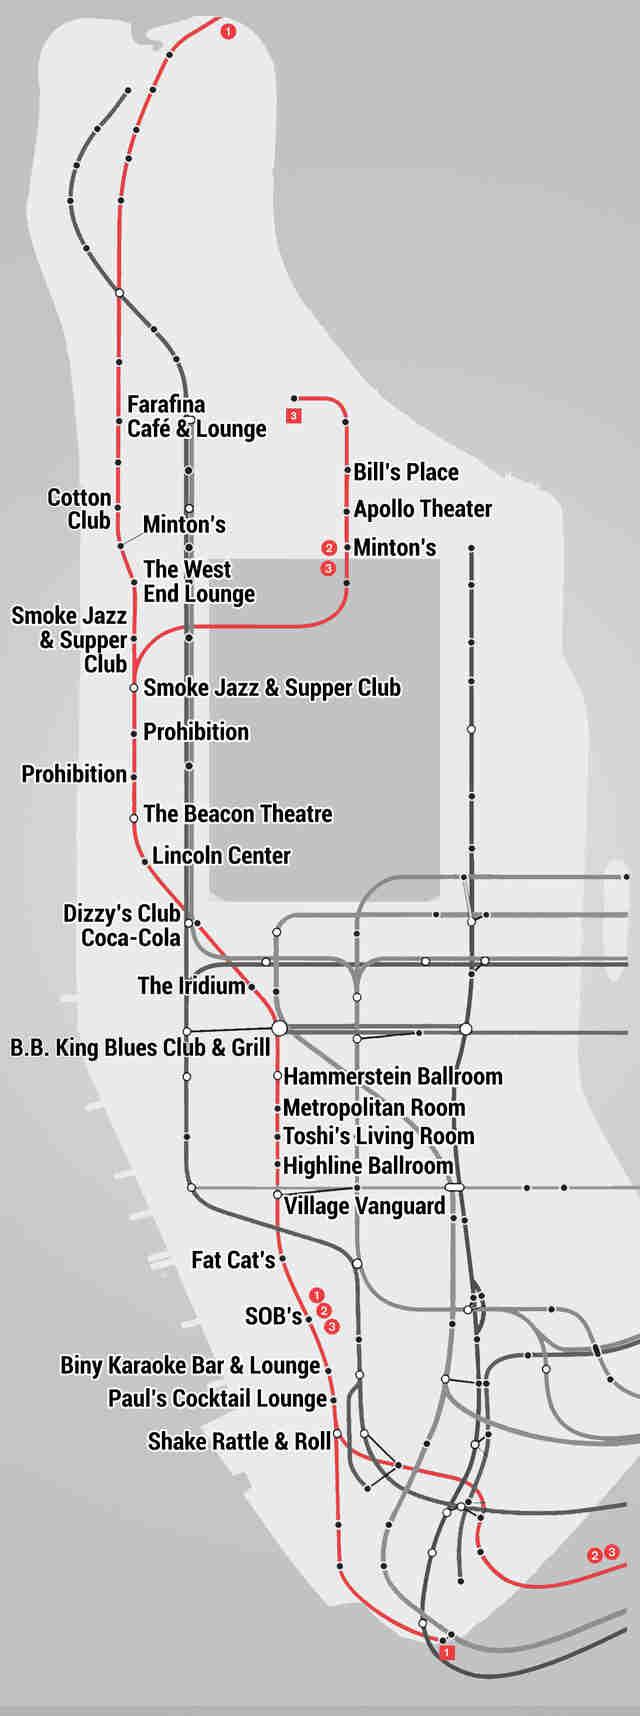 The Manhattan Subway Music Venue Map - Thrillist